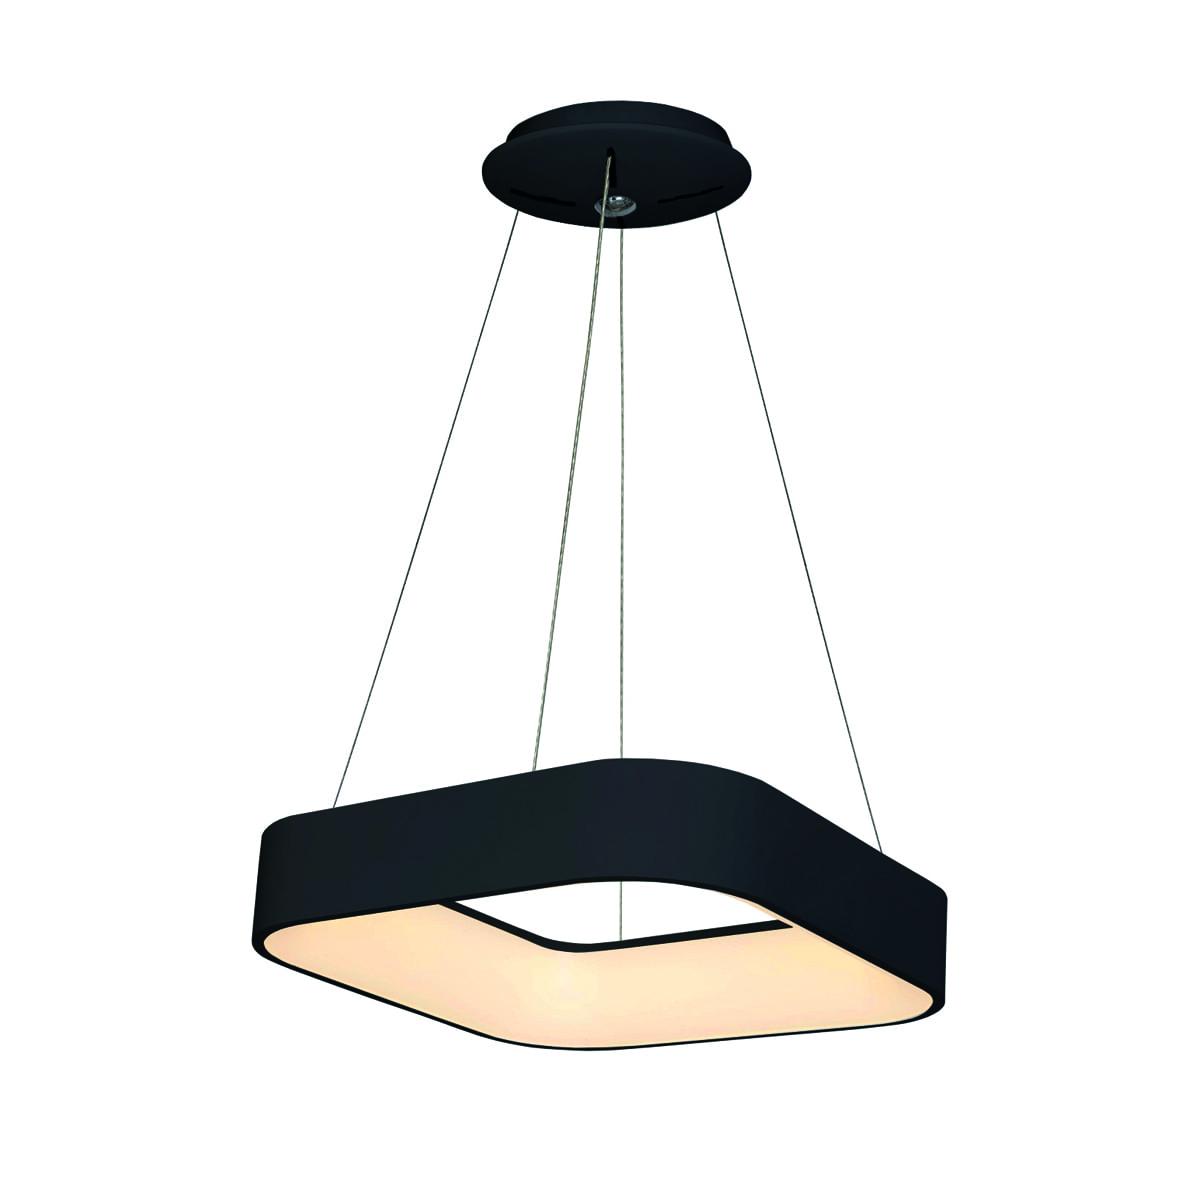 Lampa wisząca Milagro ASTRO 570 Matowy czarny 24W